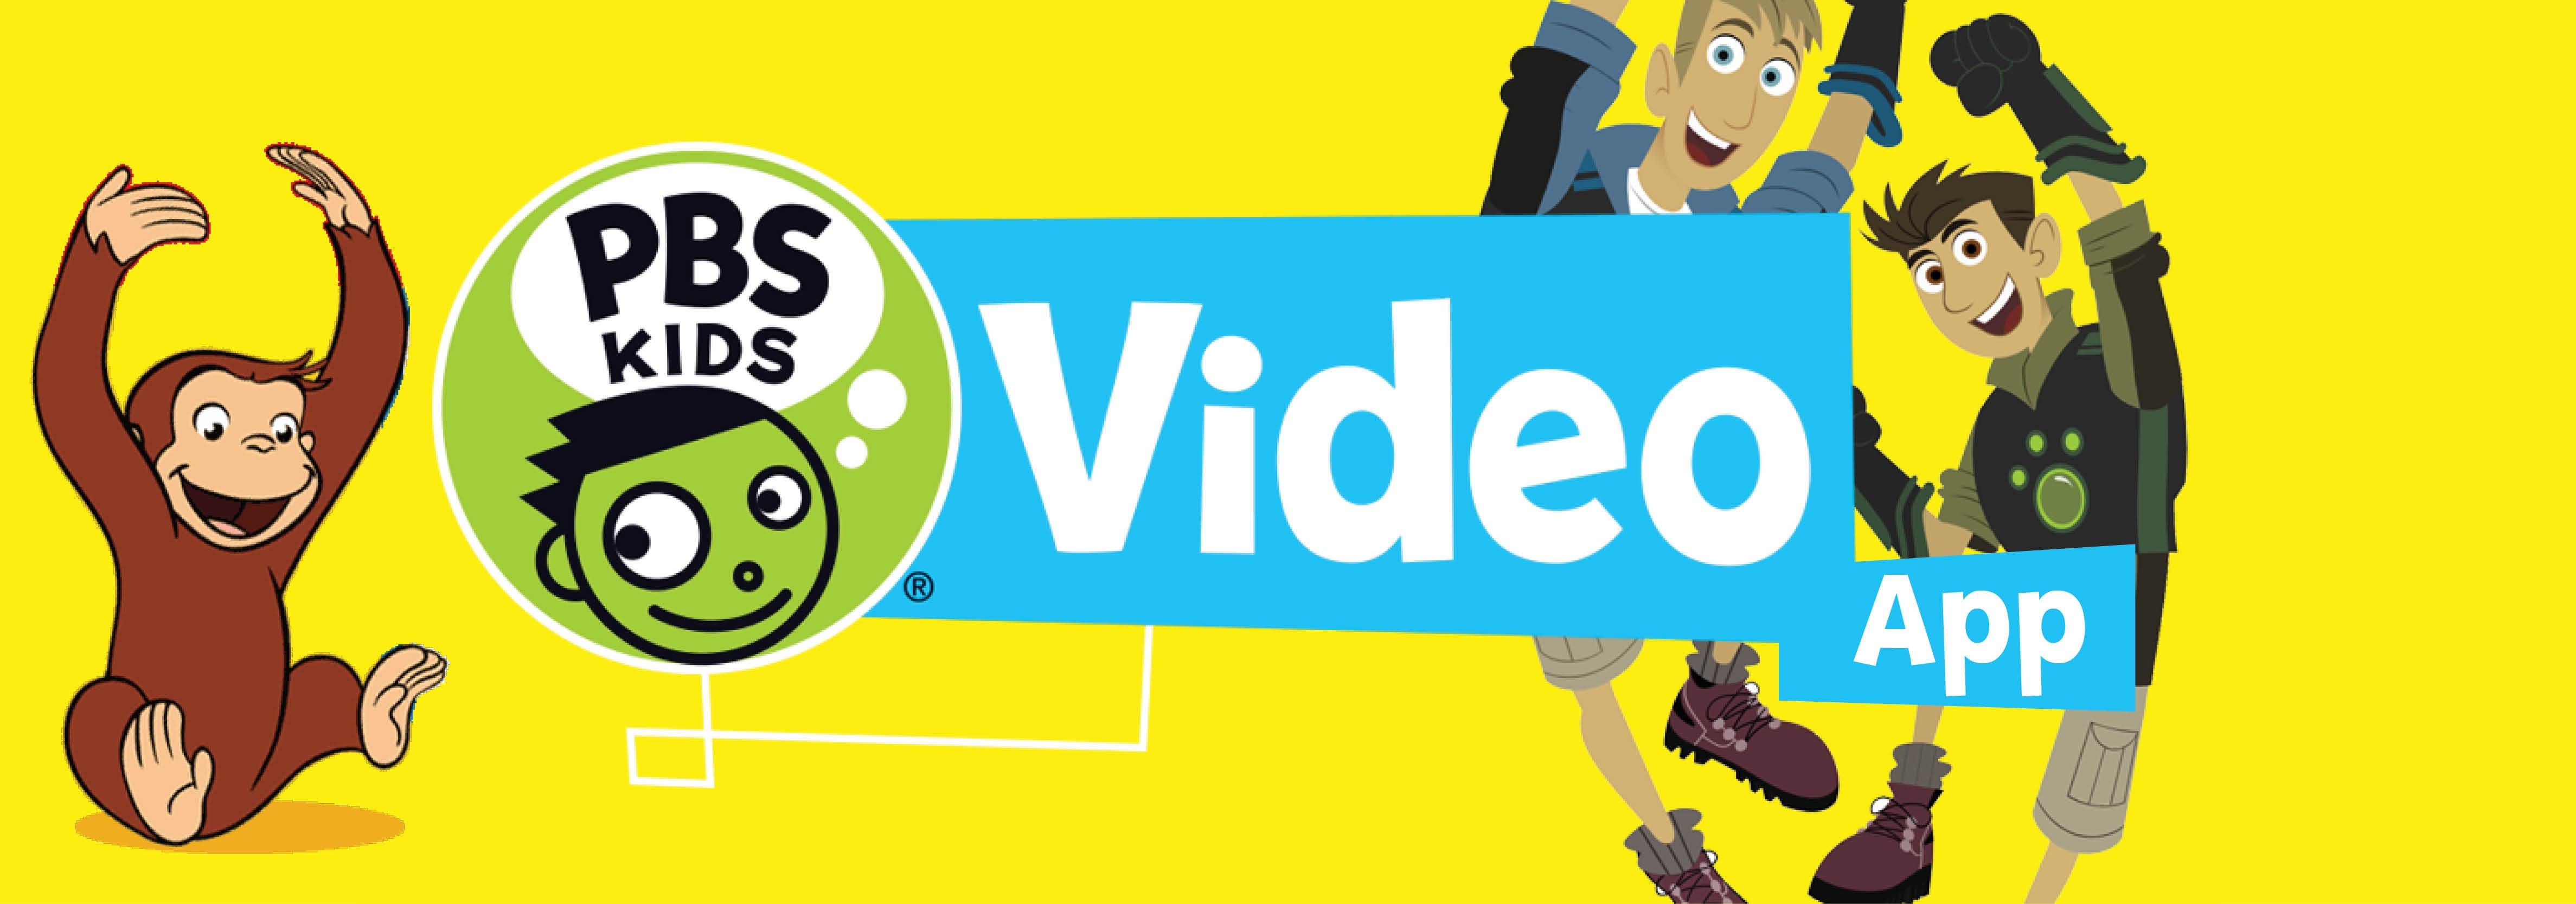 pbs kids video Slider